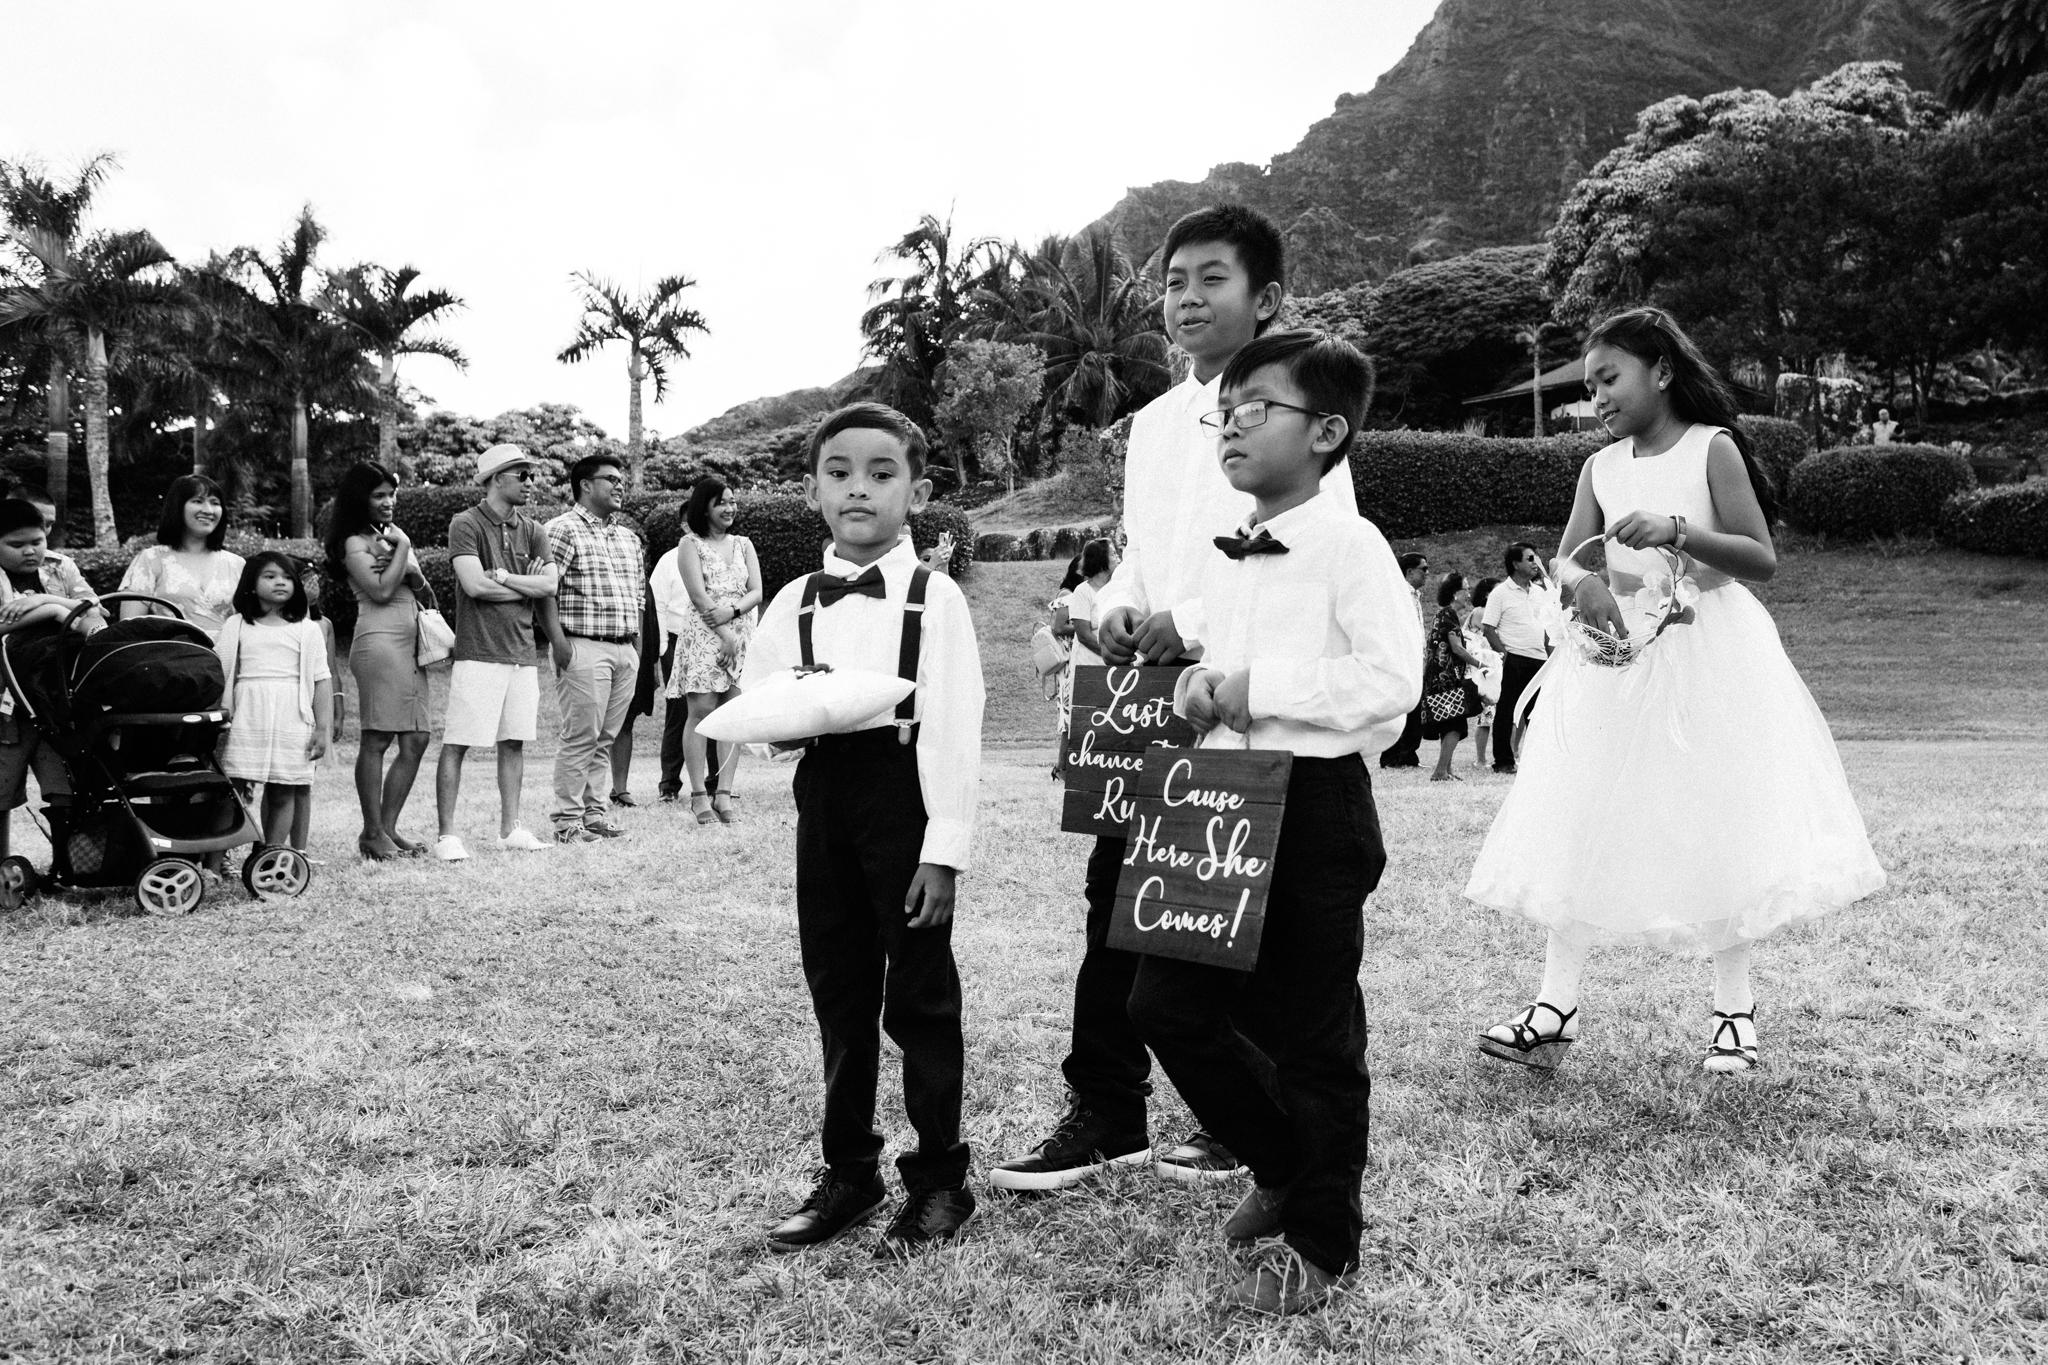 kualoa_ranch_wedding_photography_tone_hawaii-51.jpg